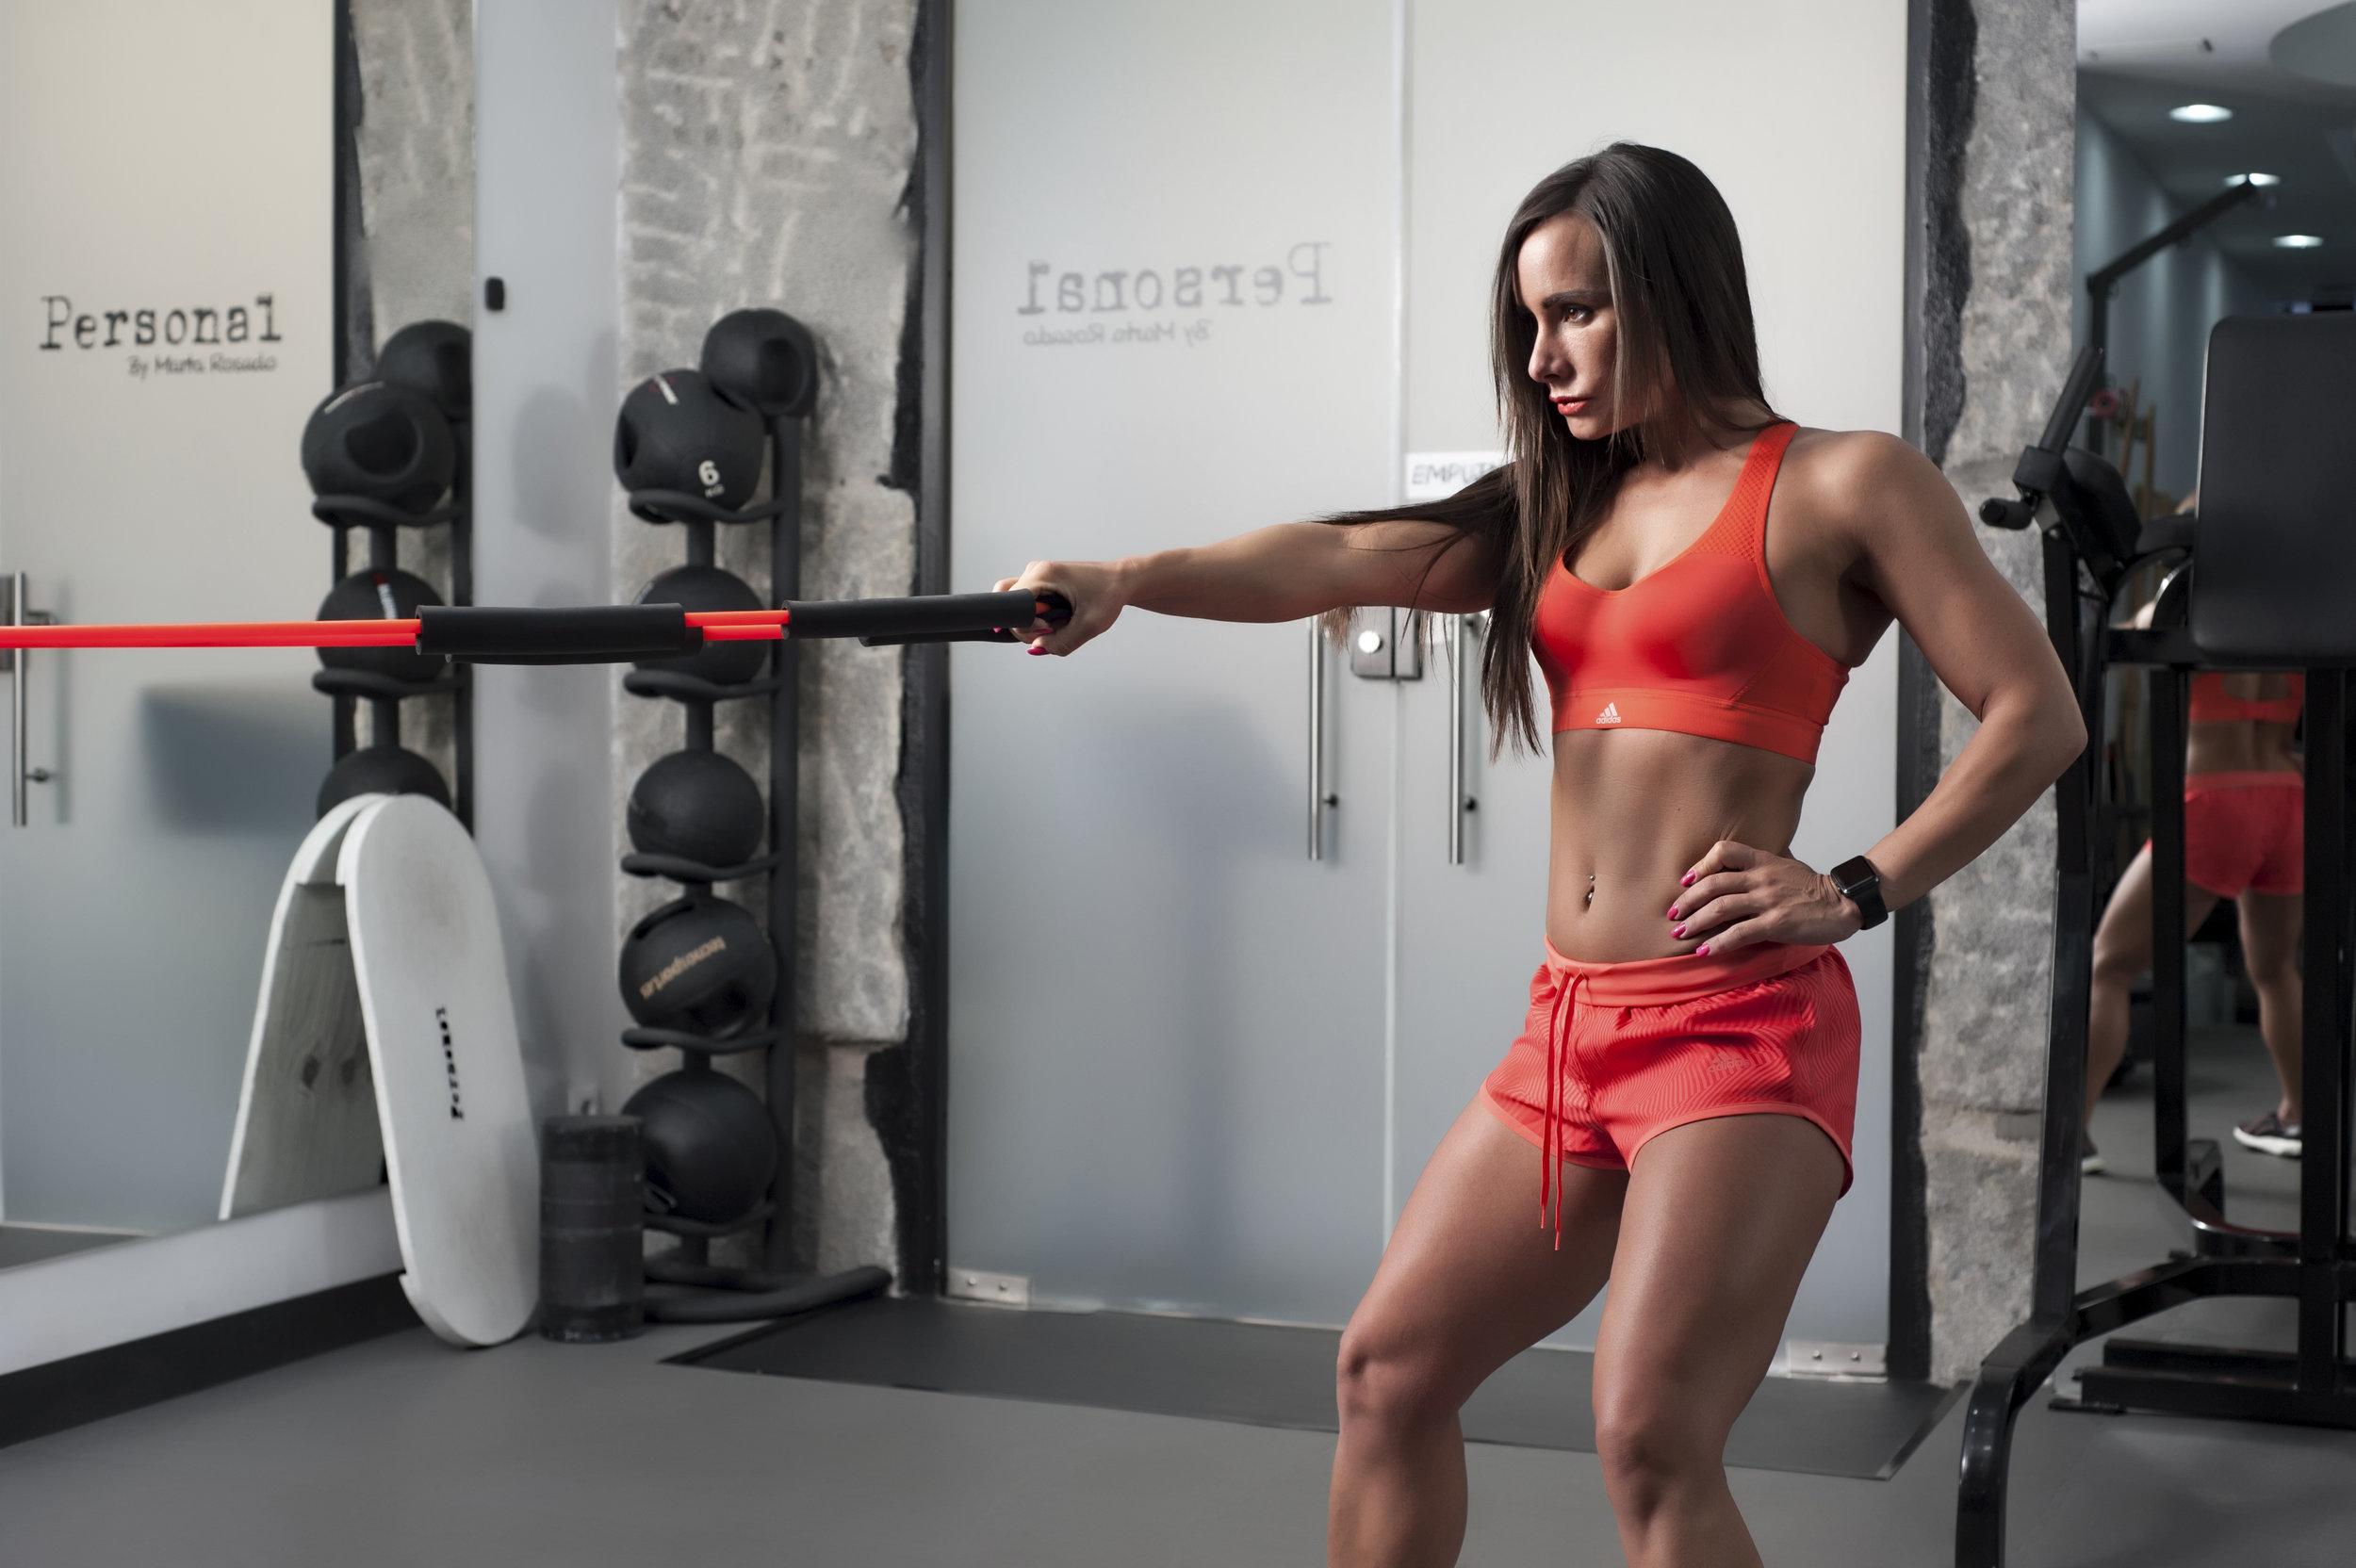 """Cada vez más estudios confirman la eficacia de este entrenamiento (pesas, gomas, ejercicios isométricos, método TRX, trabajo con el peso corporal)"""", según Rosado.Foto: Personal By Marta Rosado."""